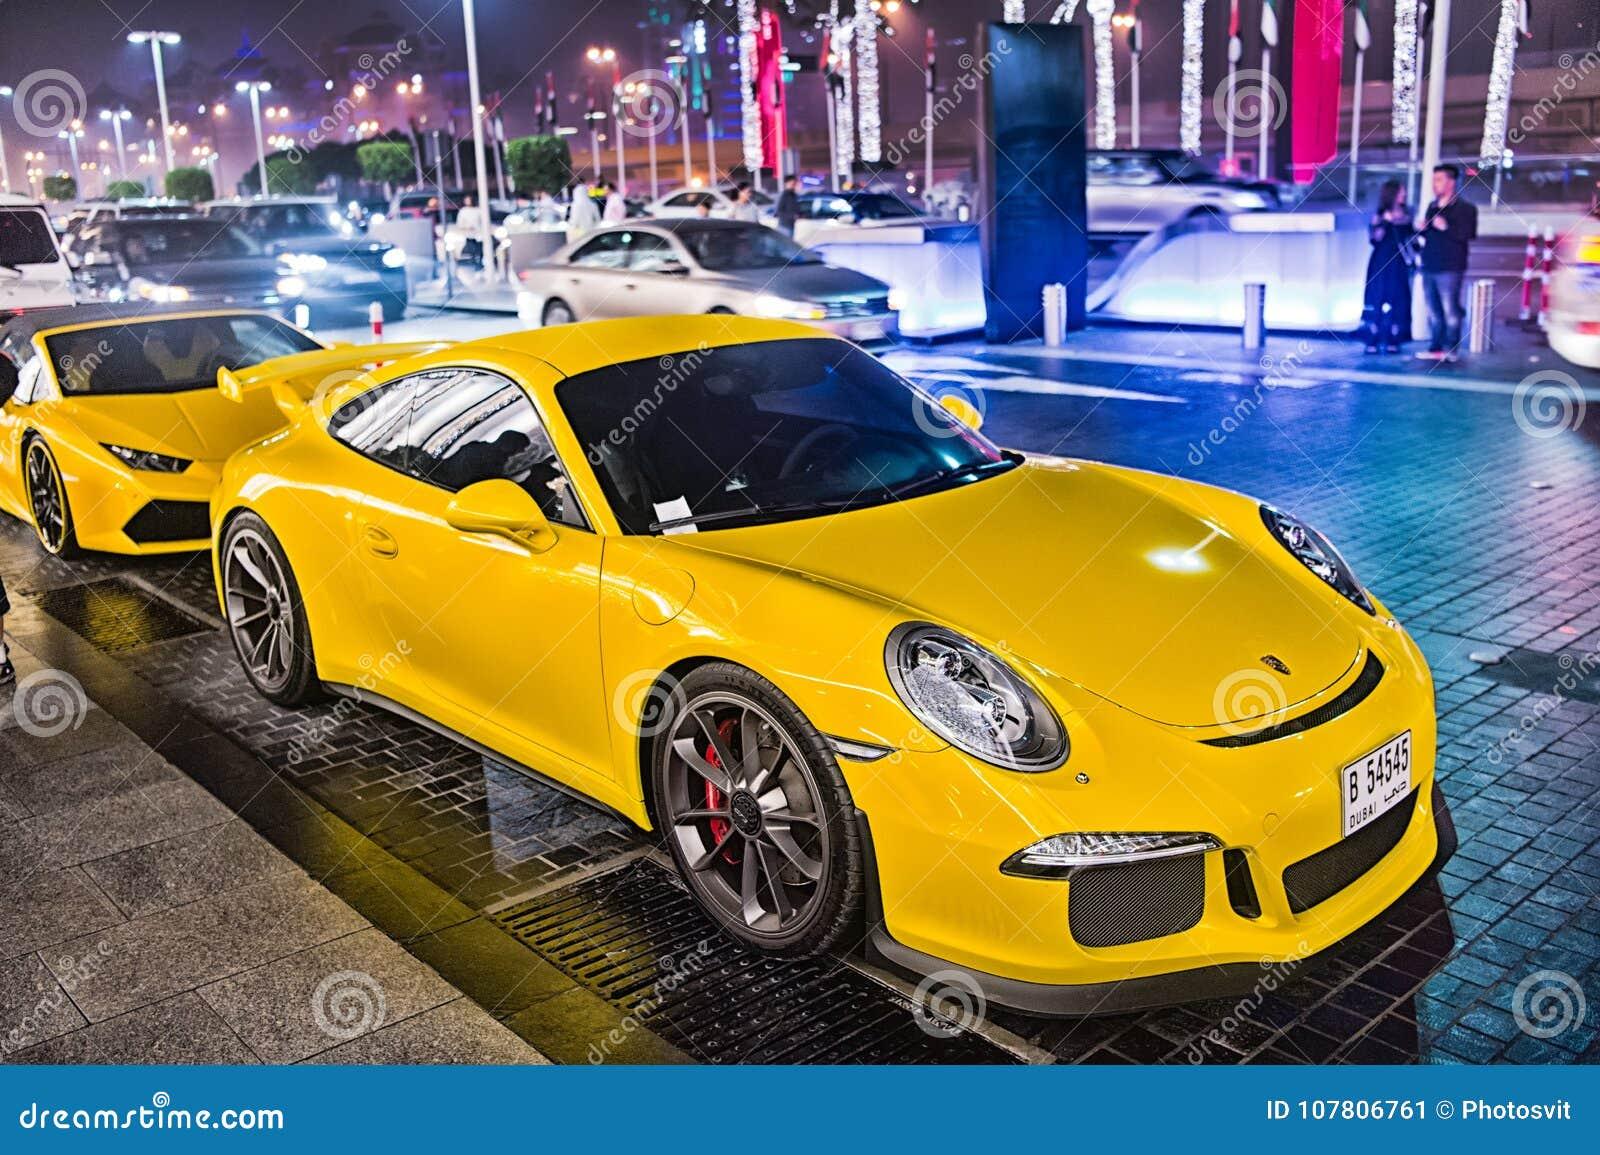 Supercar Porsche 911 Carrera 4 Gts Huricane Yellow Color